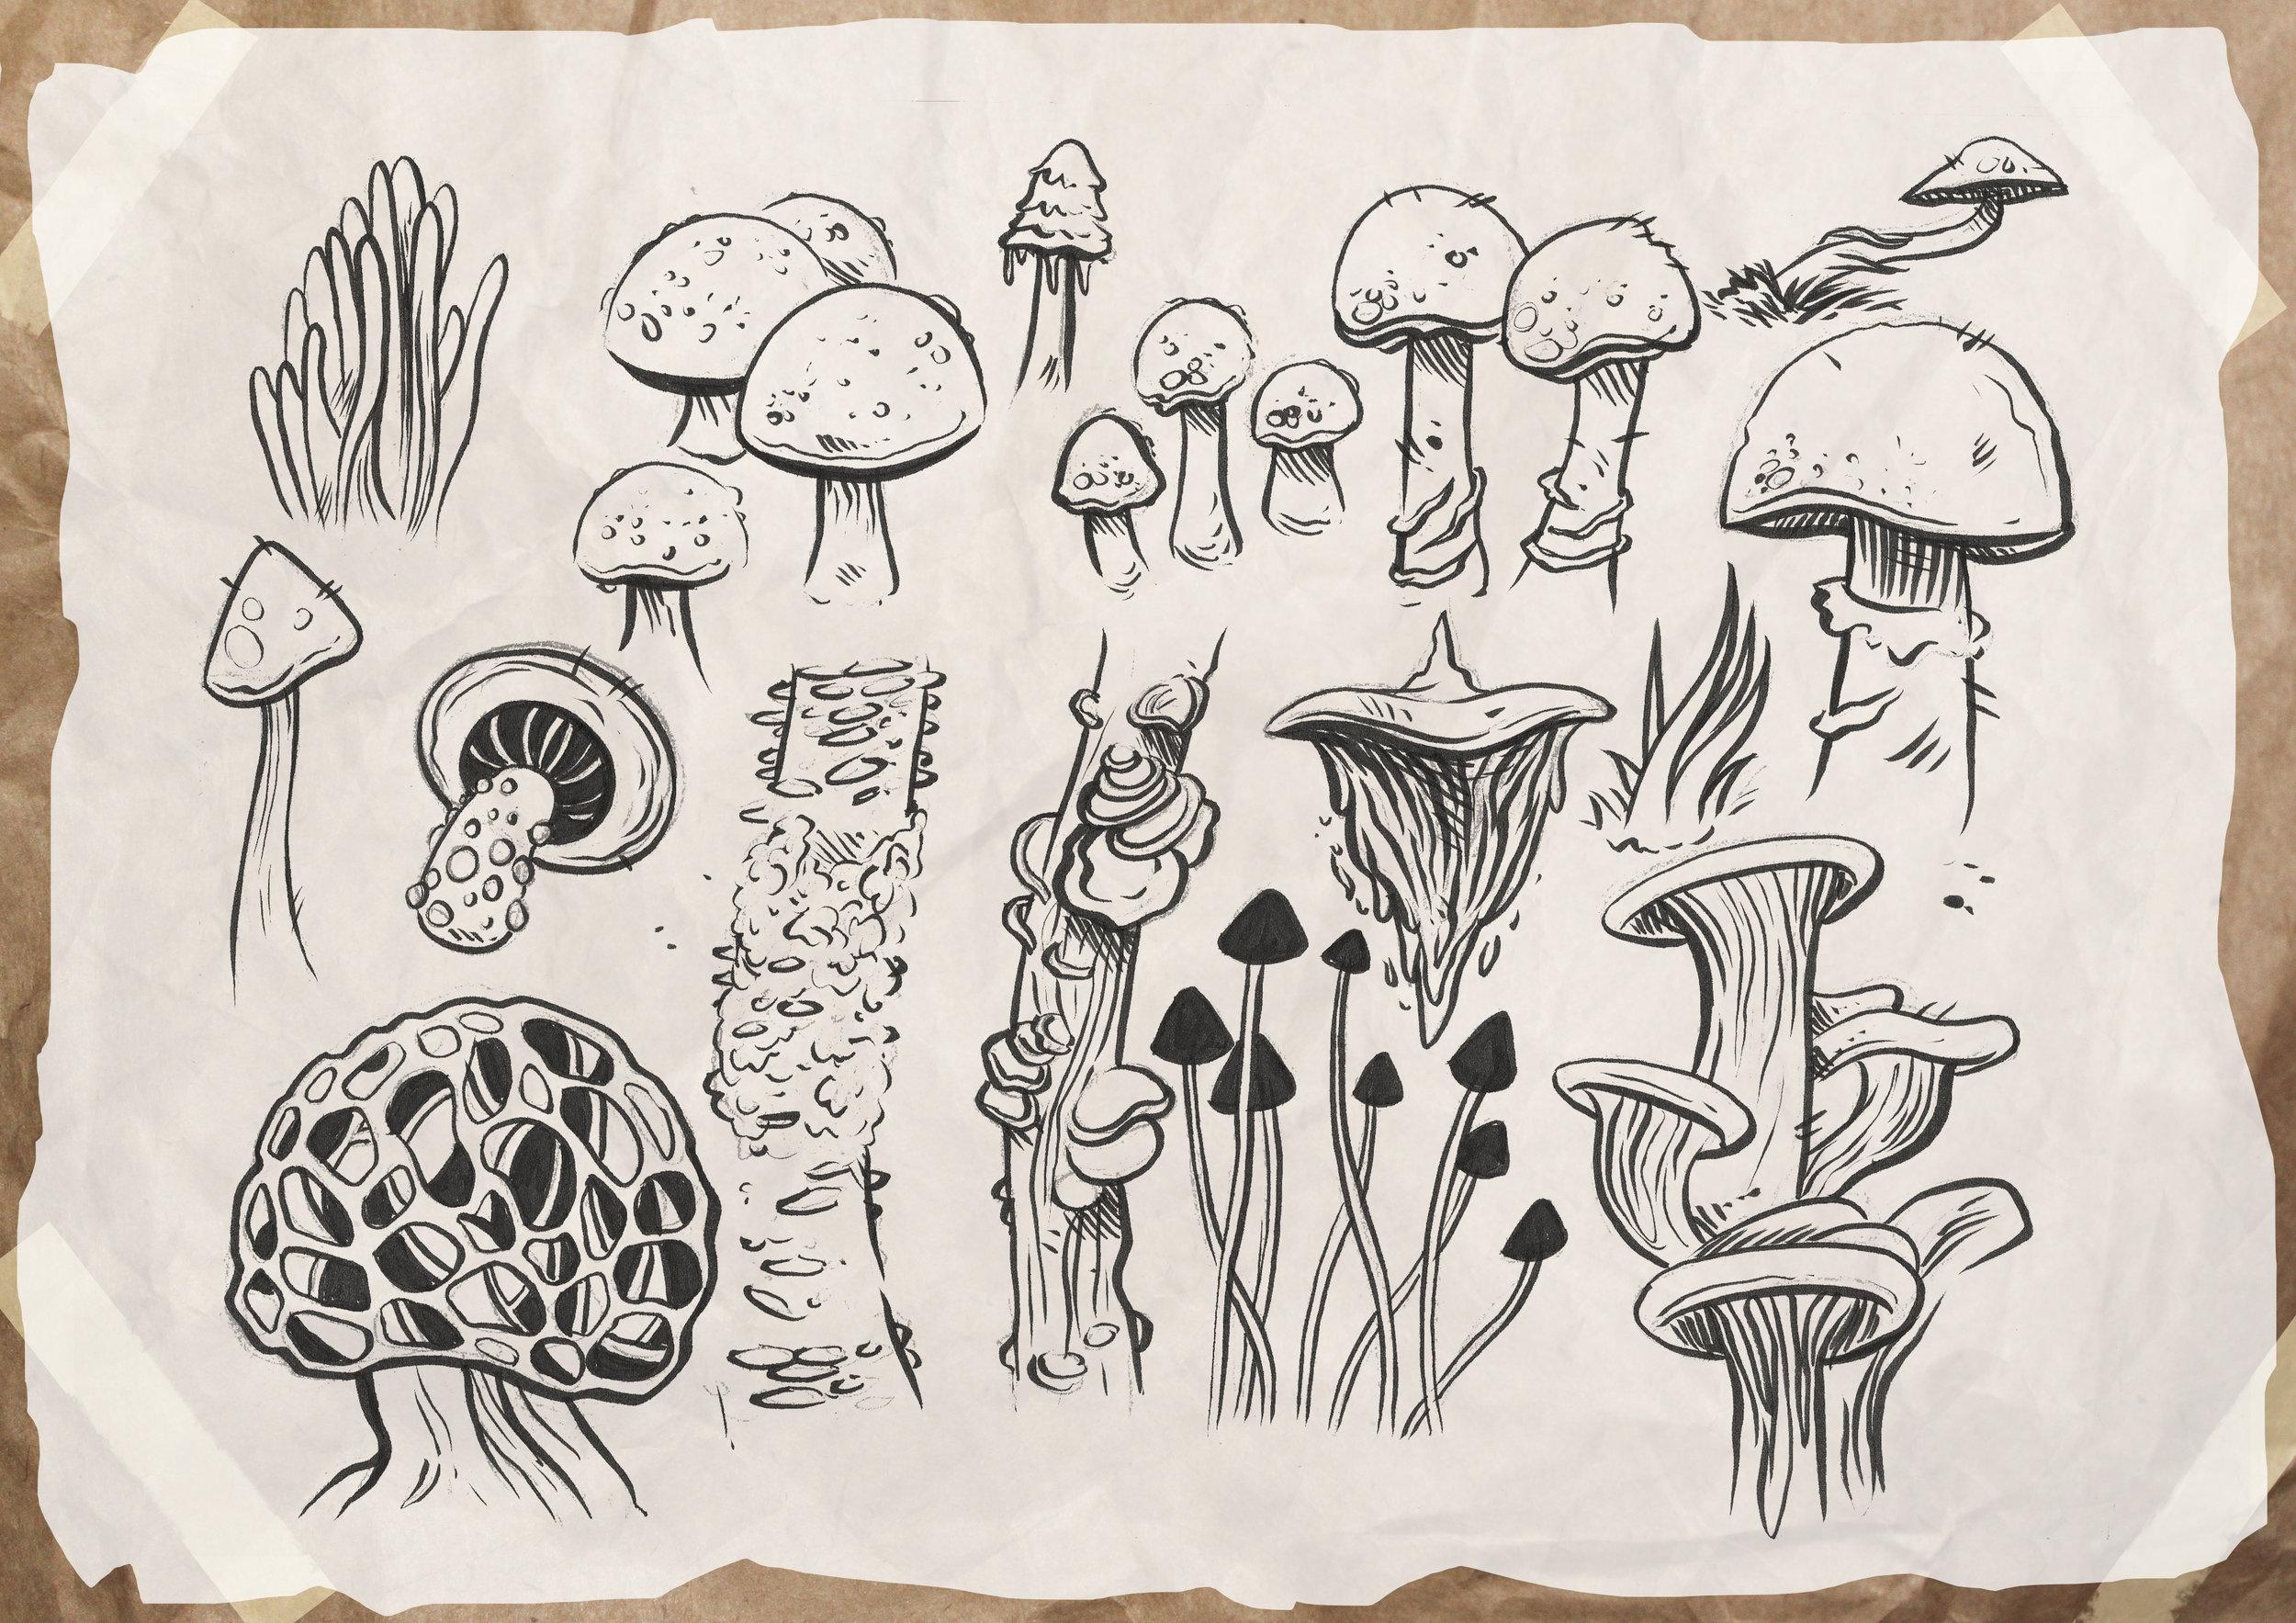 Mushroom_studies.jpg